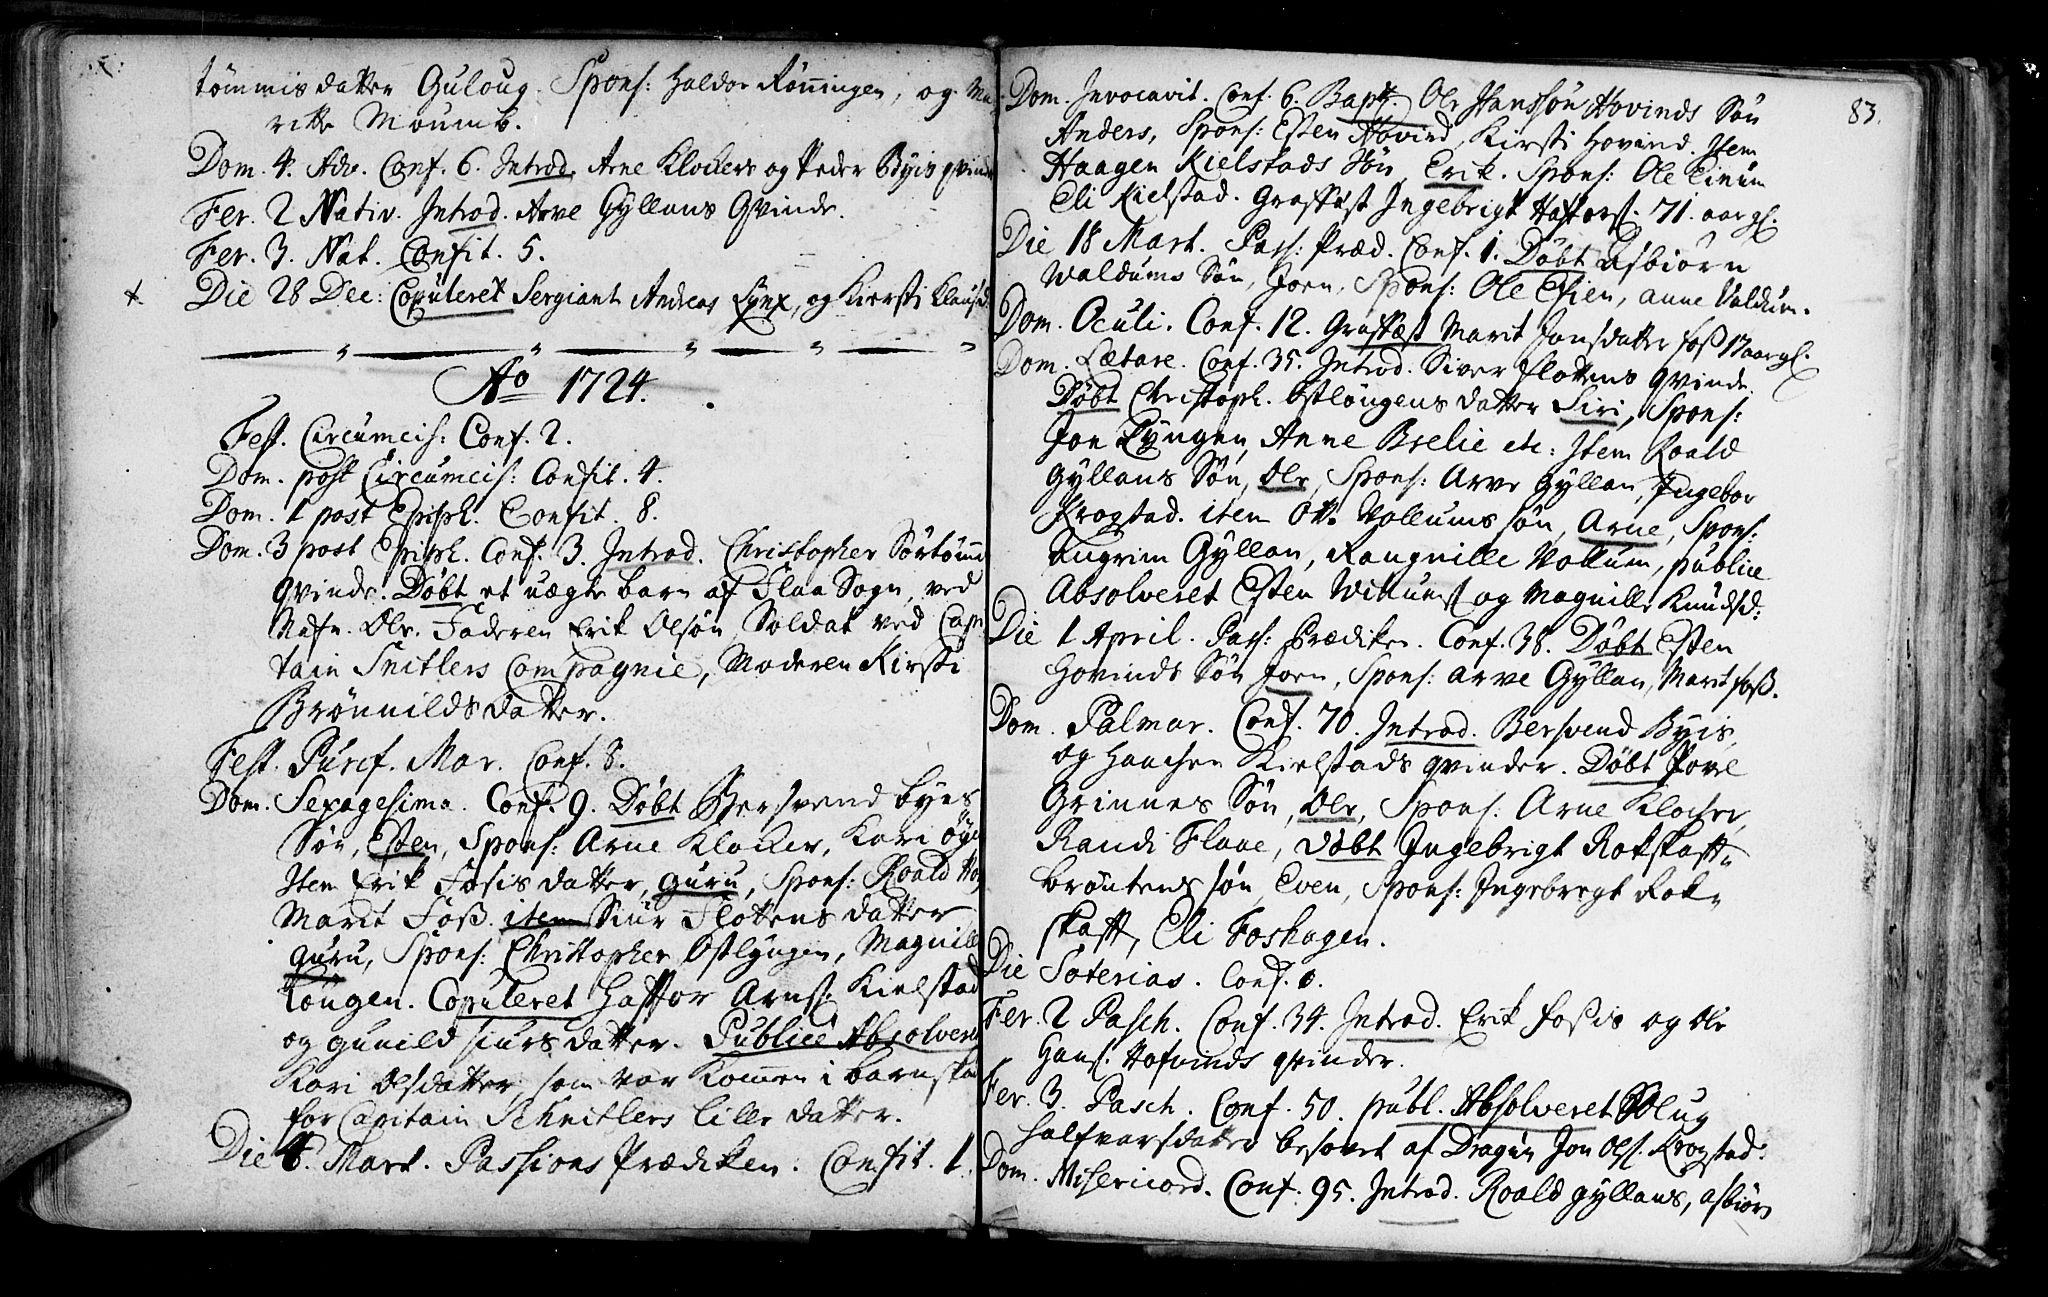 SAT, Ministerialprotokoller, klokkerbøker og fødselsregistre - Sør-Trøndelag, 692/L1101: Ministerialbok nr. 692A01, 1690-1746, s. 83